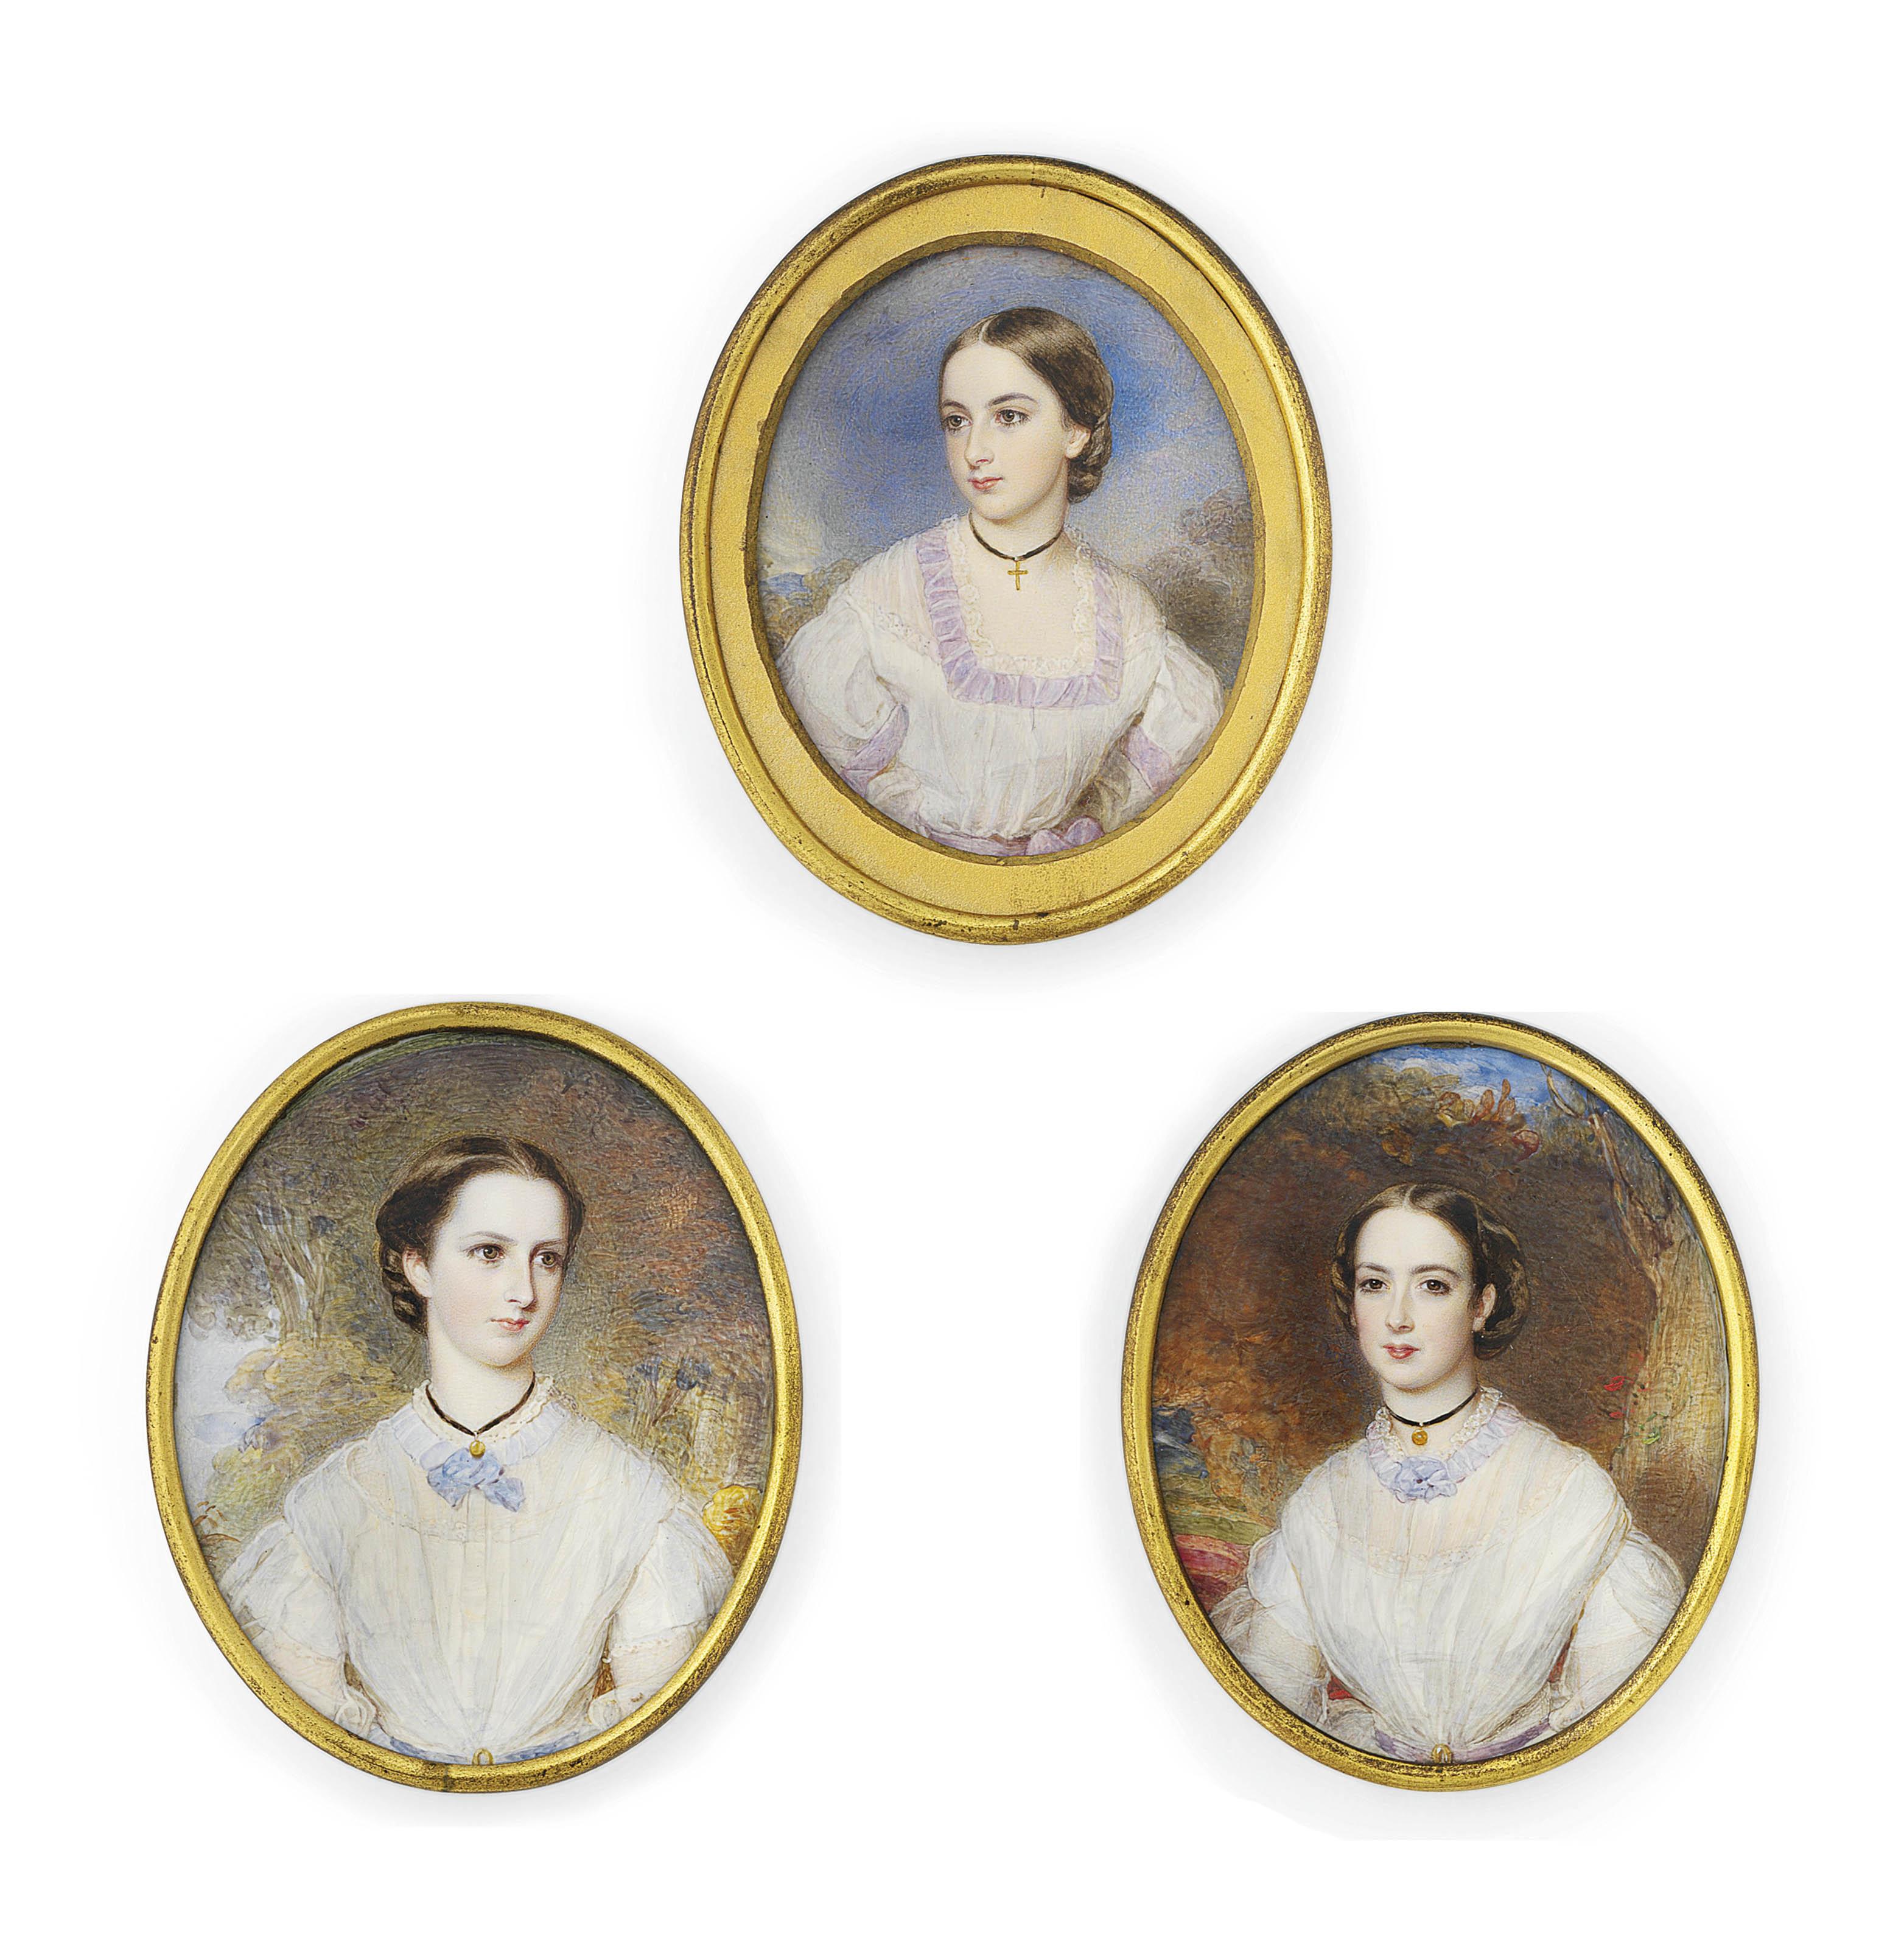 REGINALD EASTON (BRITISH, 1807-1893)